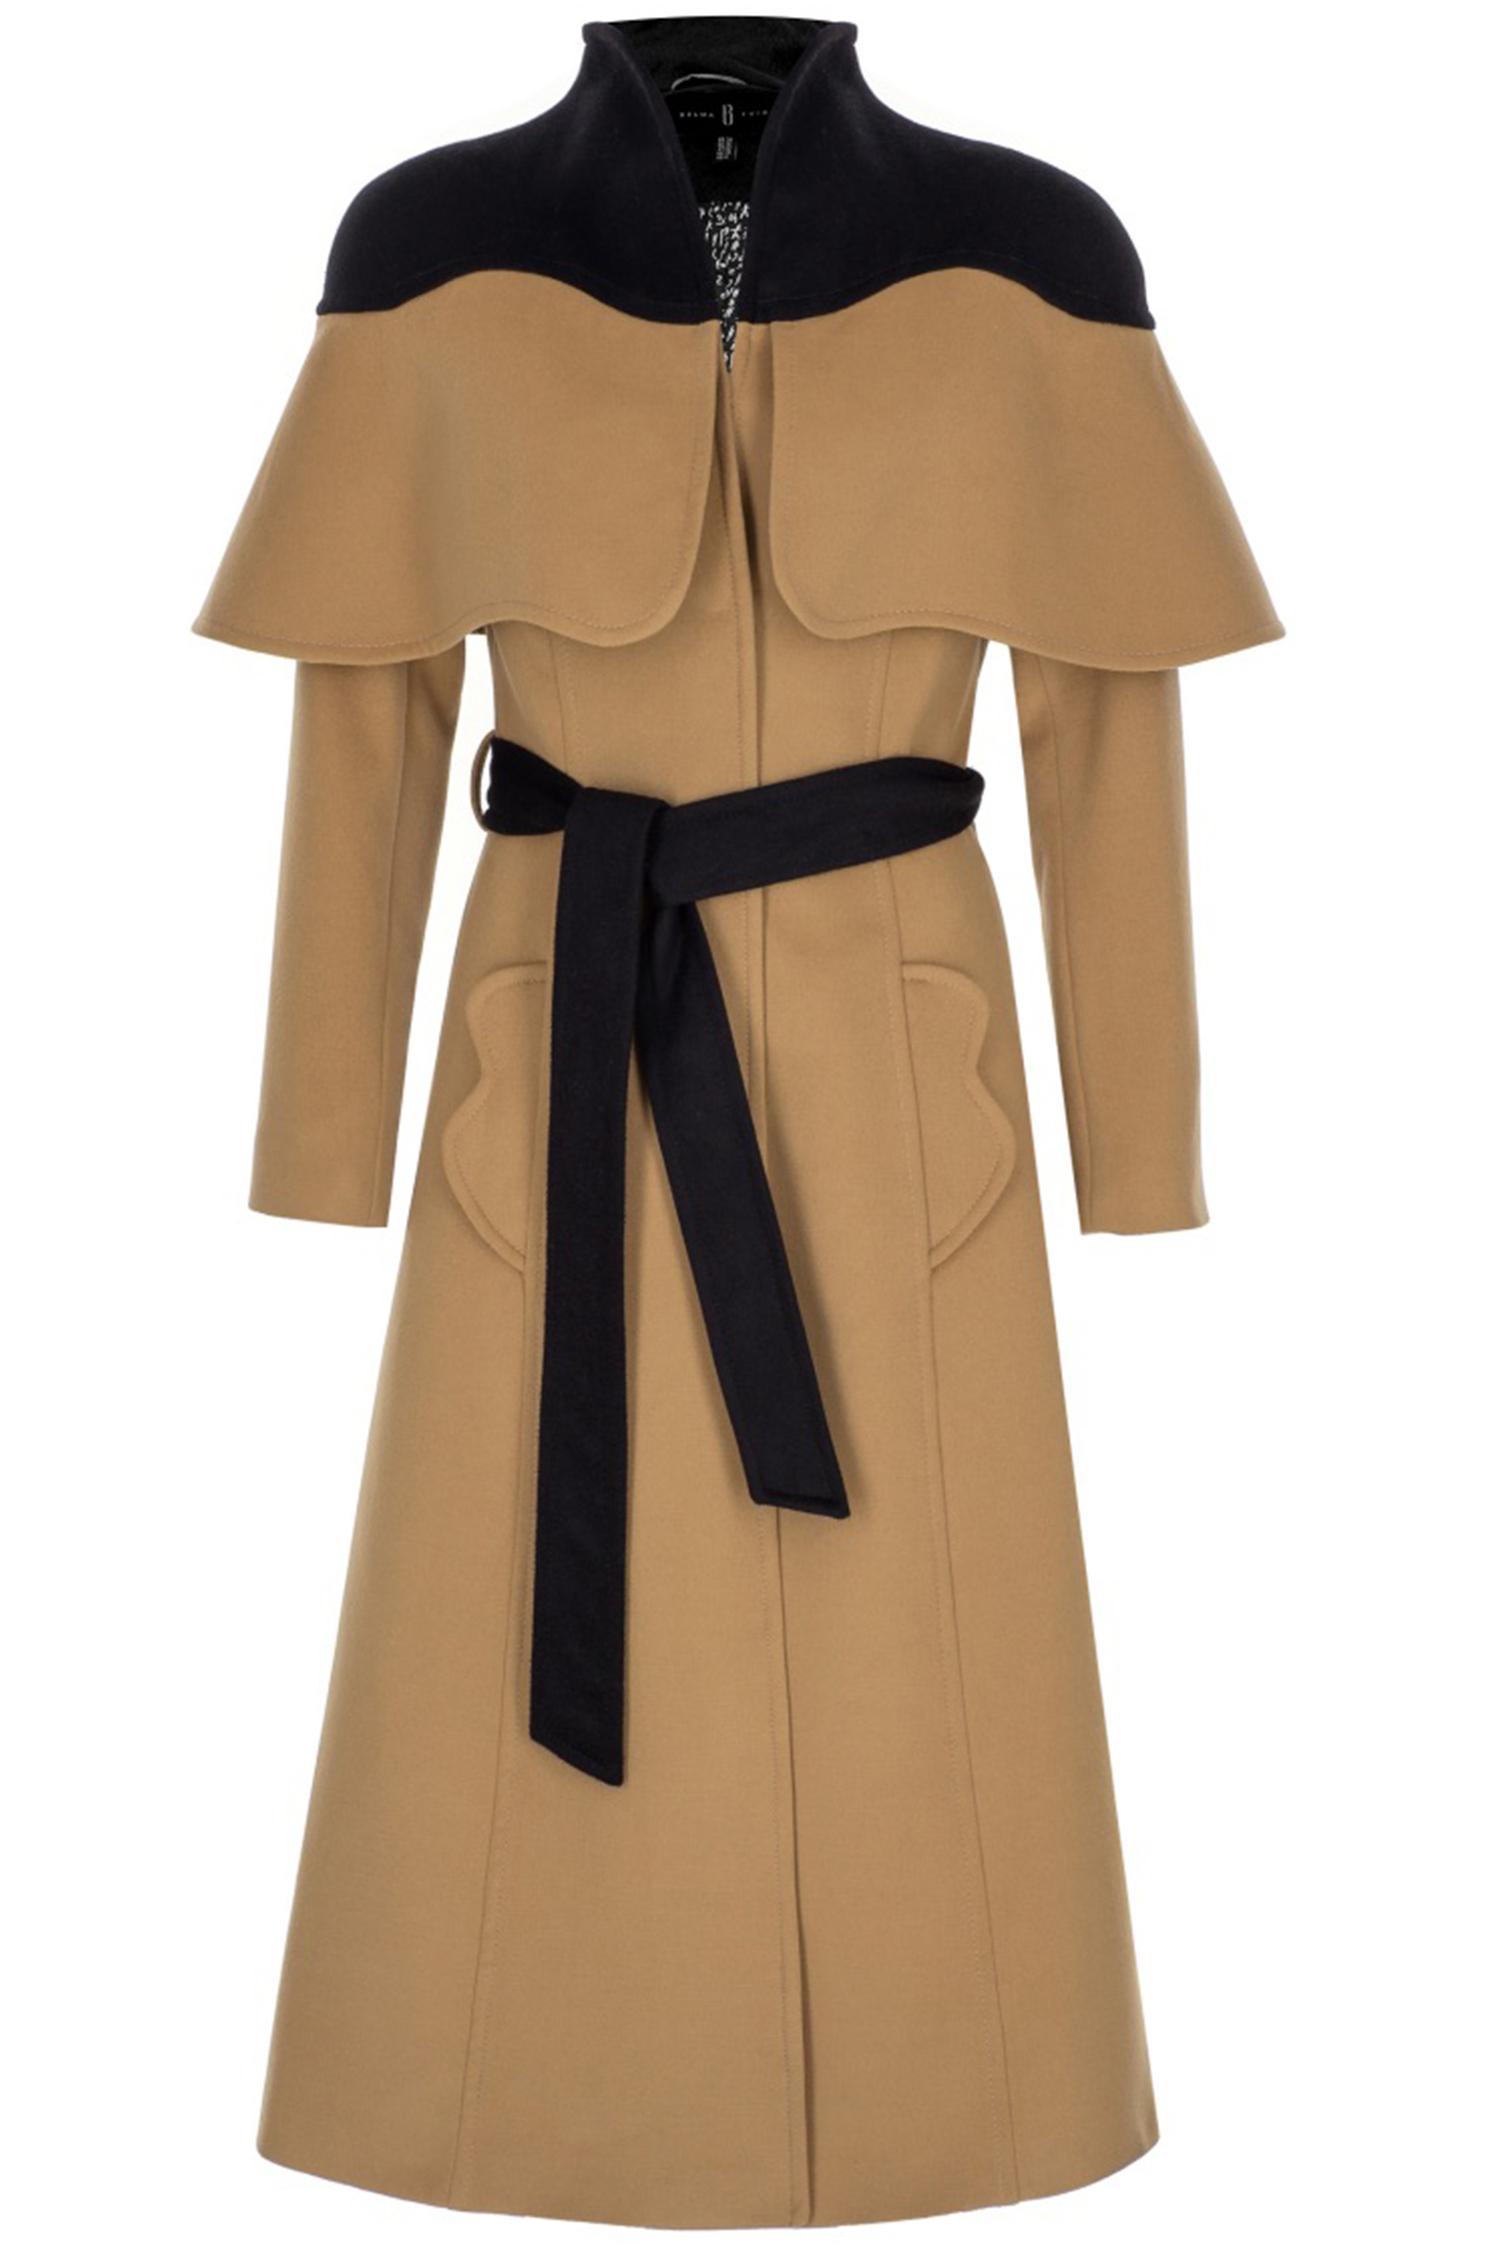 coat, wintercoat, fw 21/22